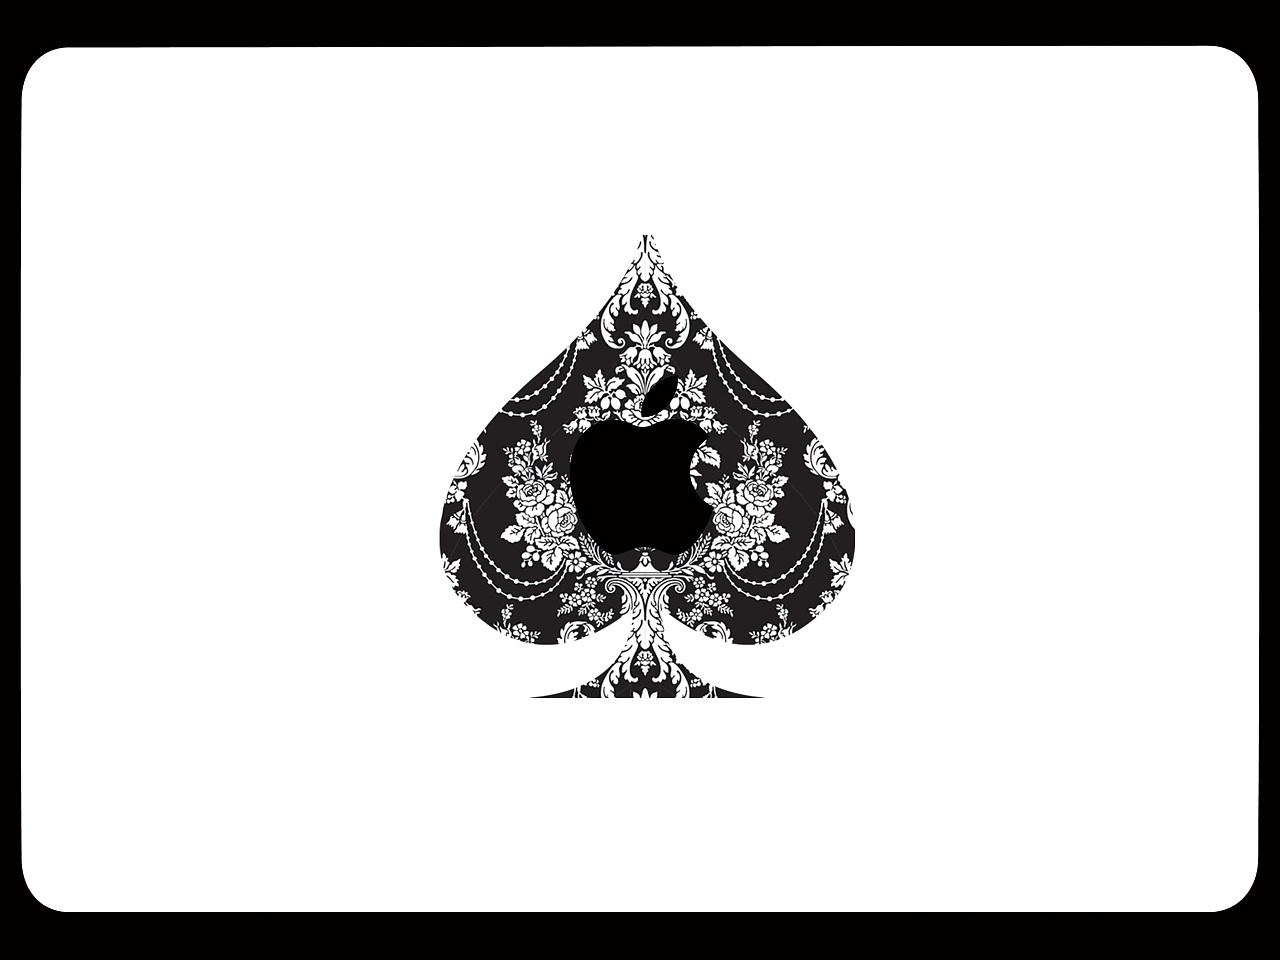 黑桃的正面,黑色的底色,白色的花纹,有种欧式的风格.